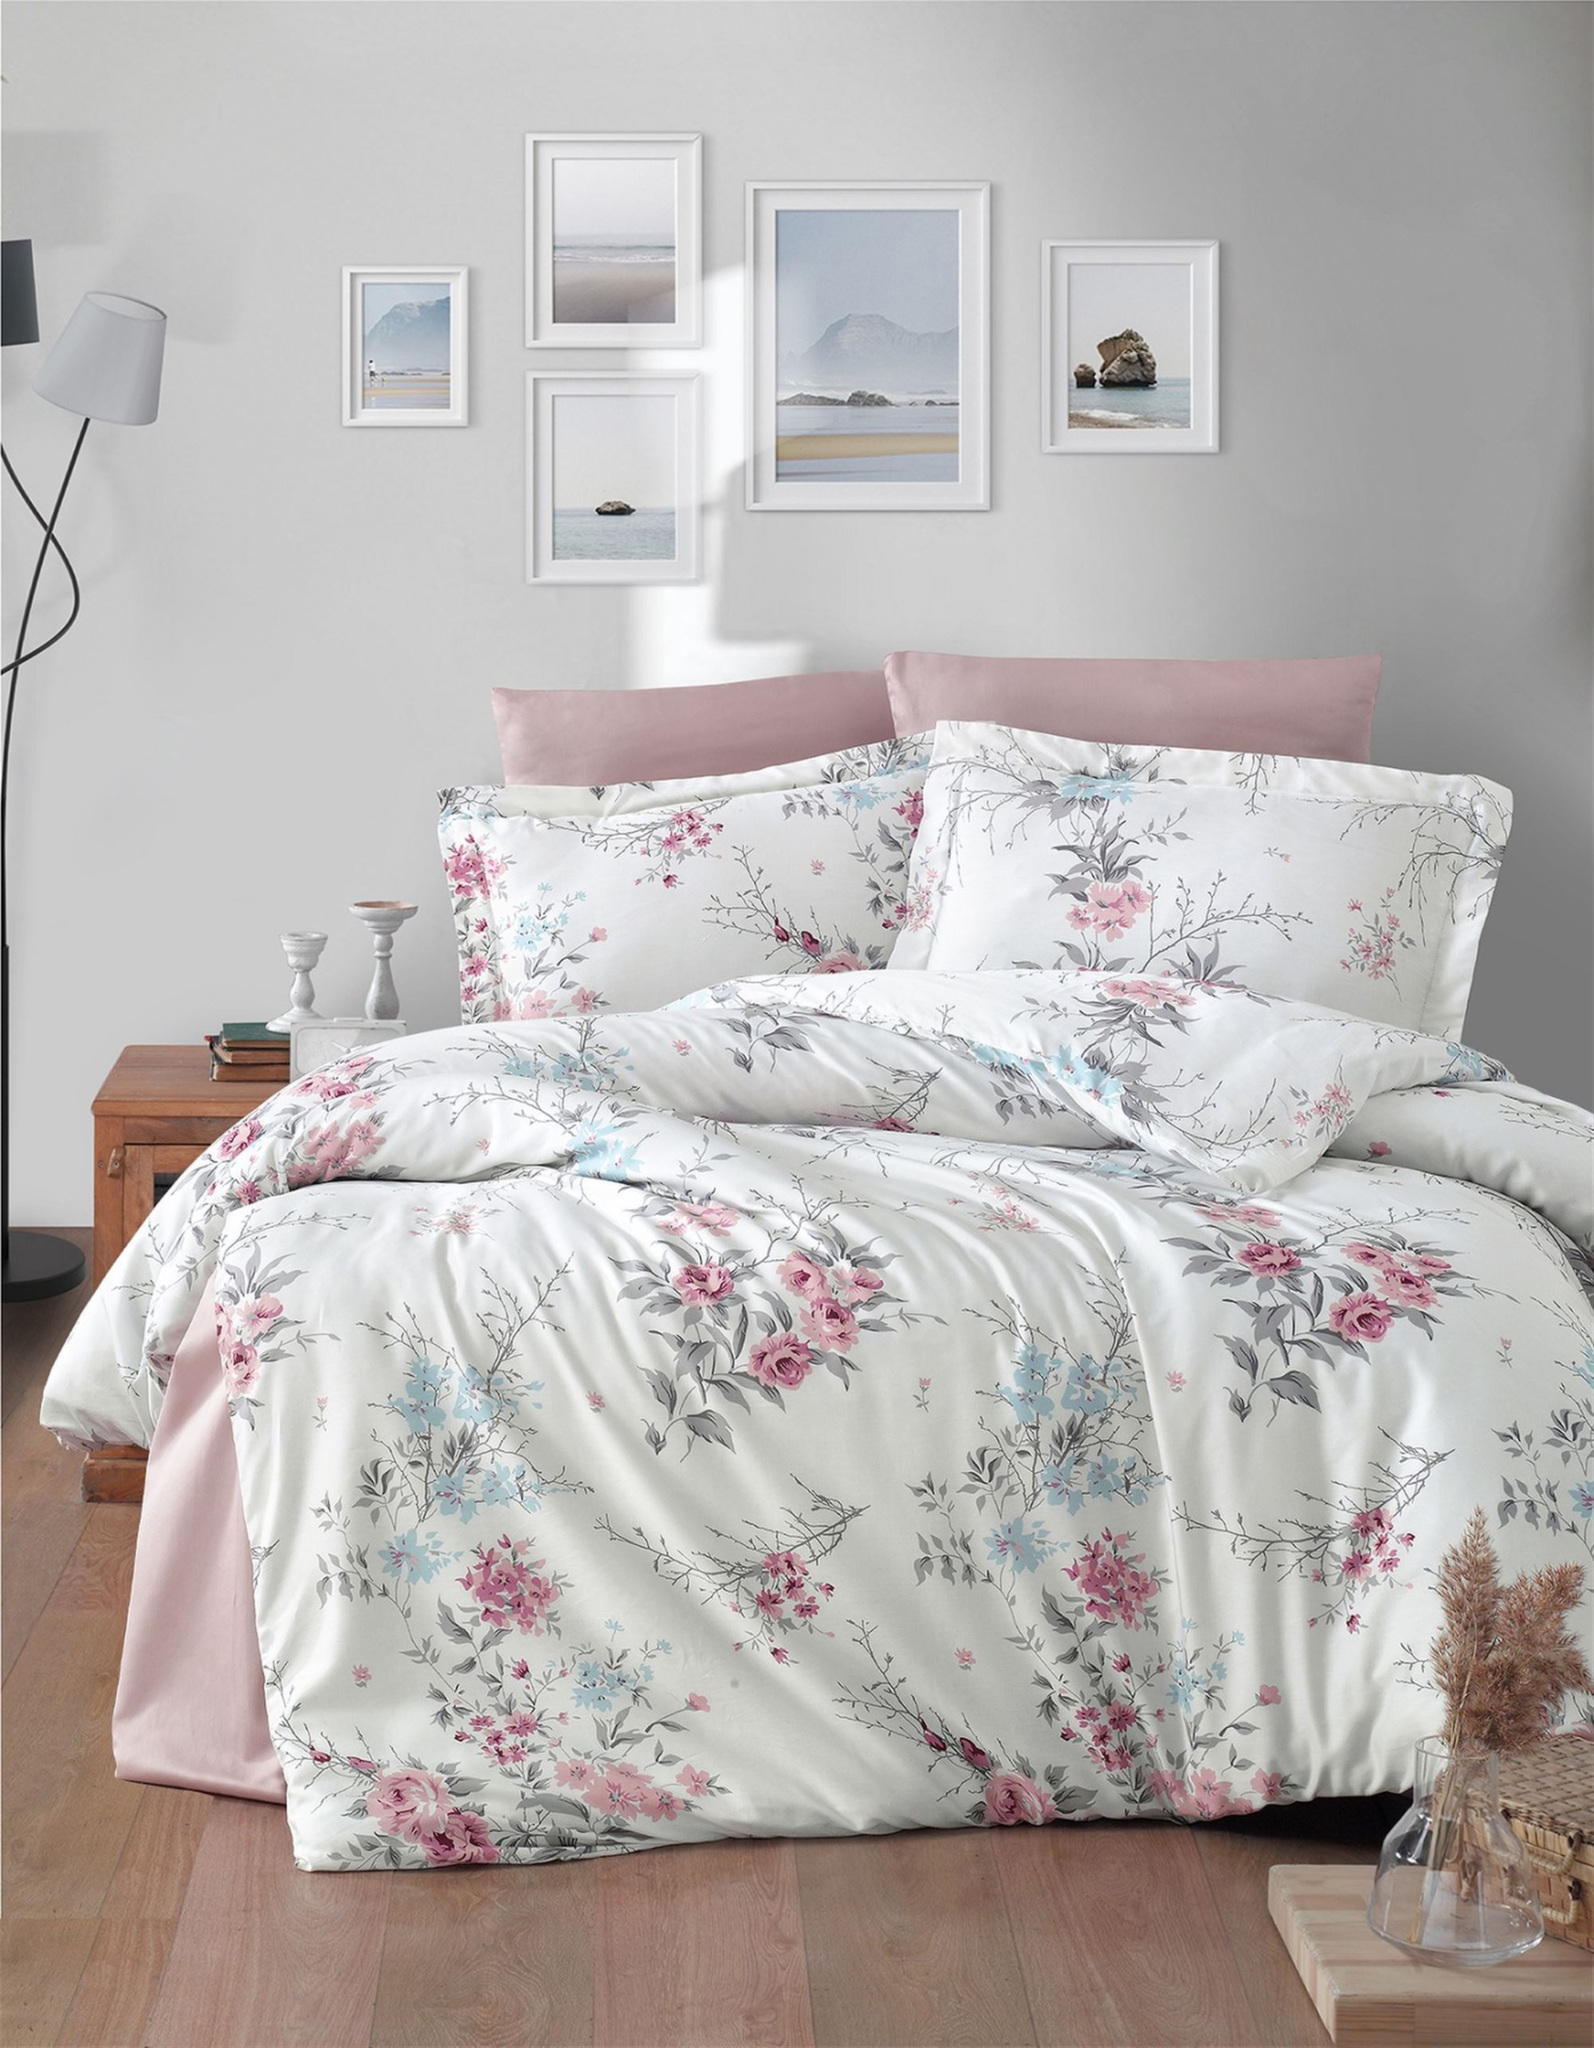 Комплект сатинового постельного белья 11479 Leena пудра Doco